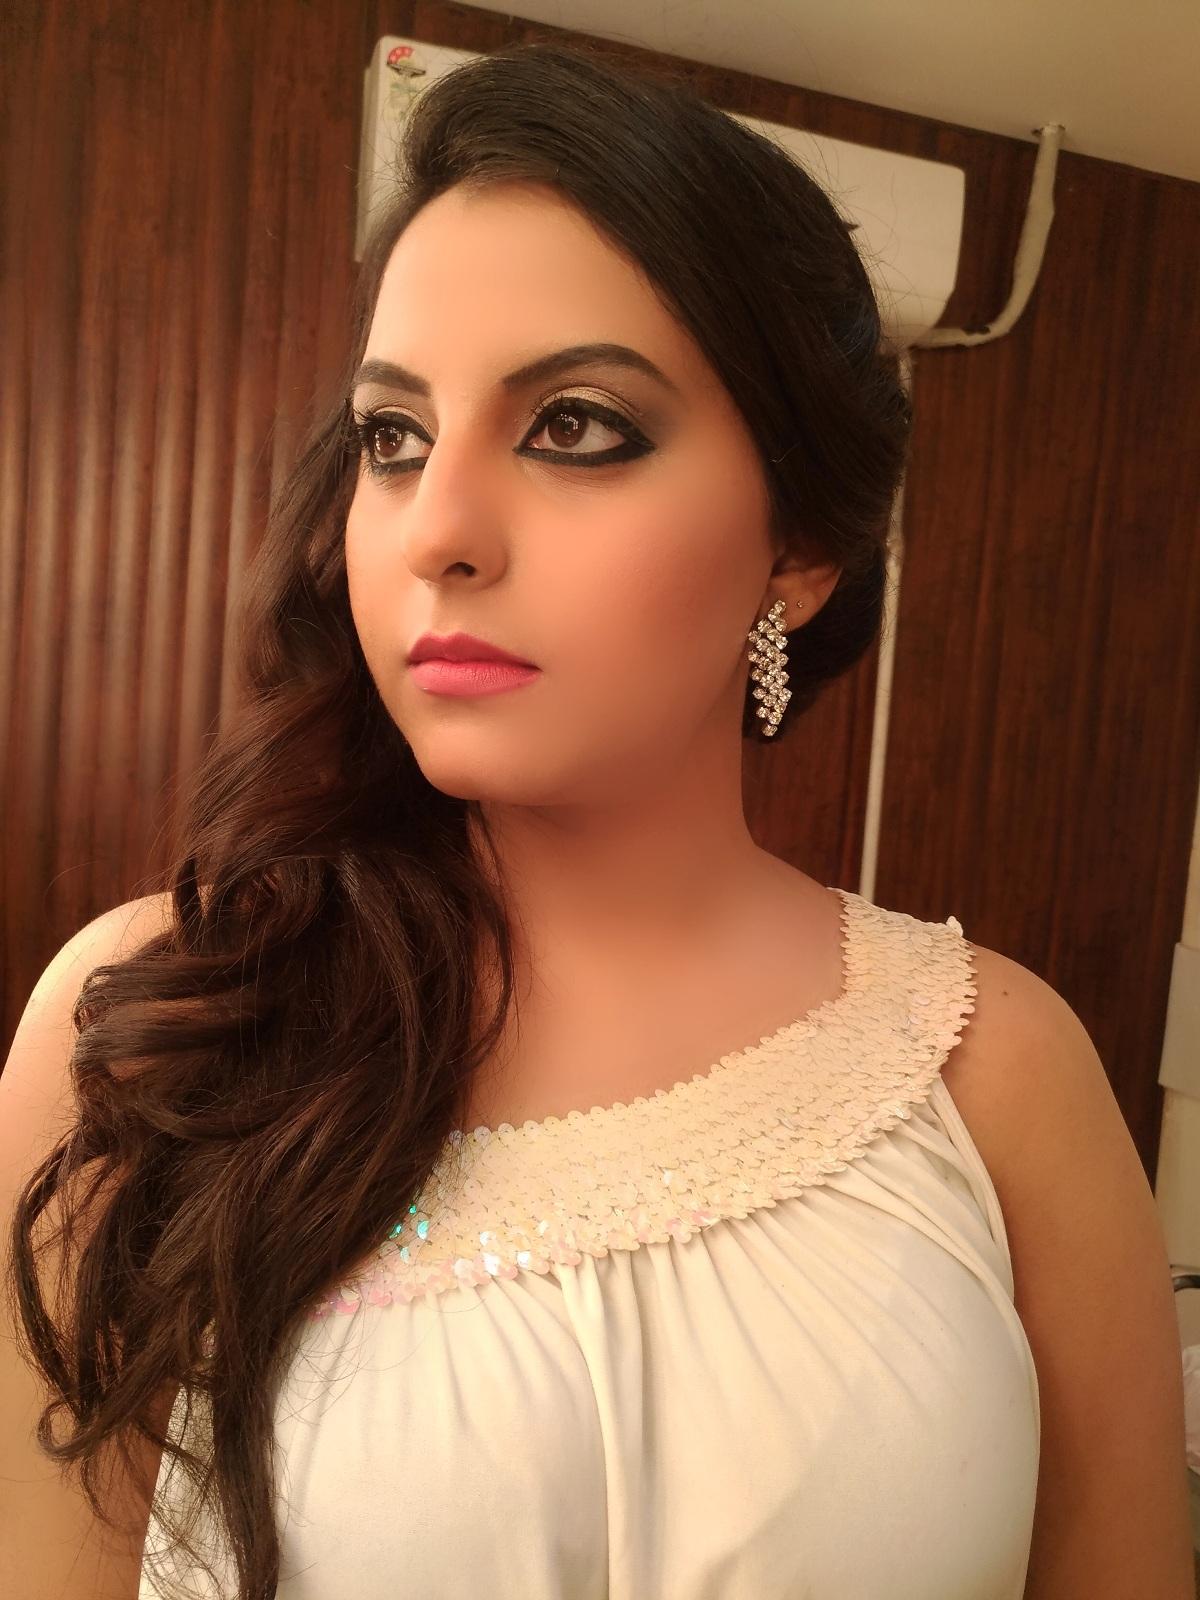 Makeup Life Makeup Studio & Academy Laxmi Nagar, Delhi